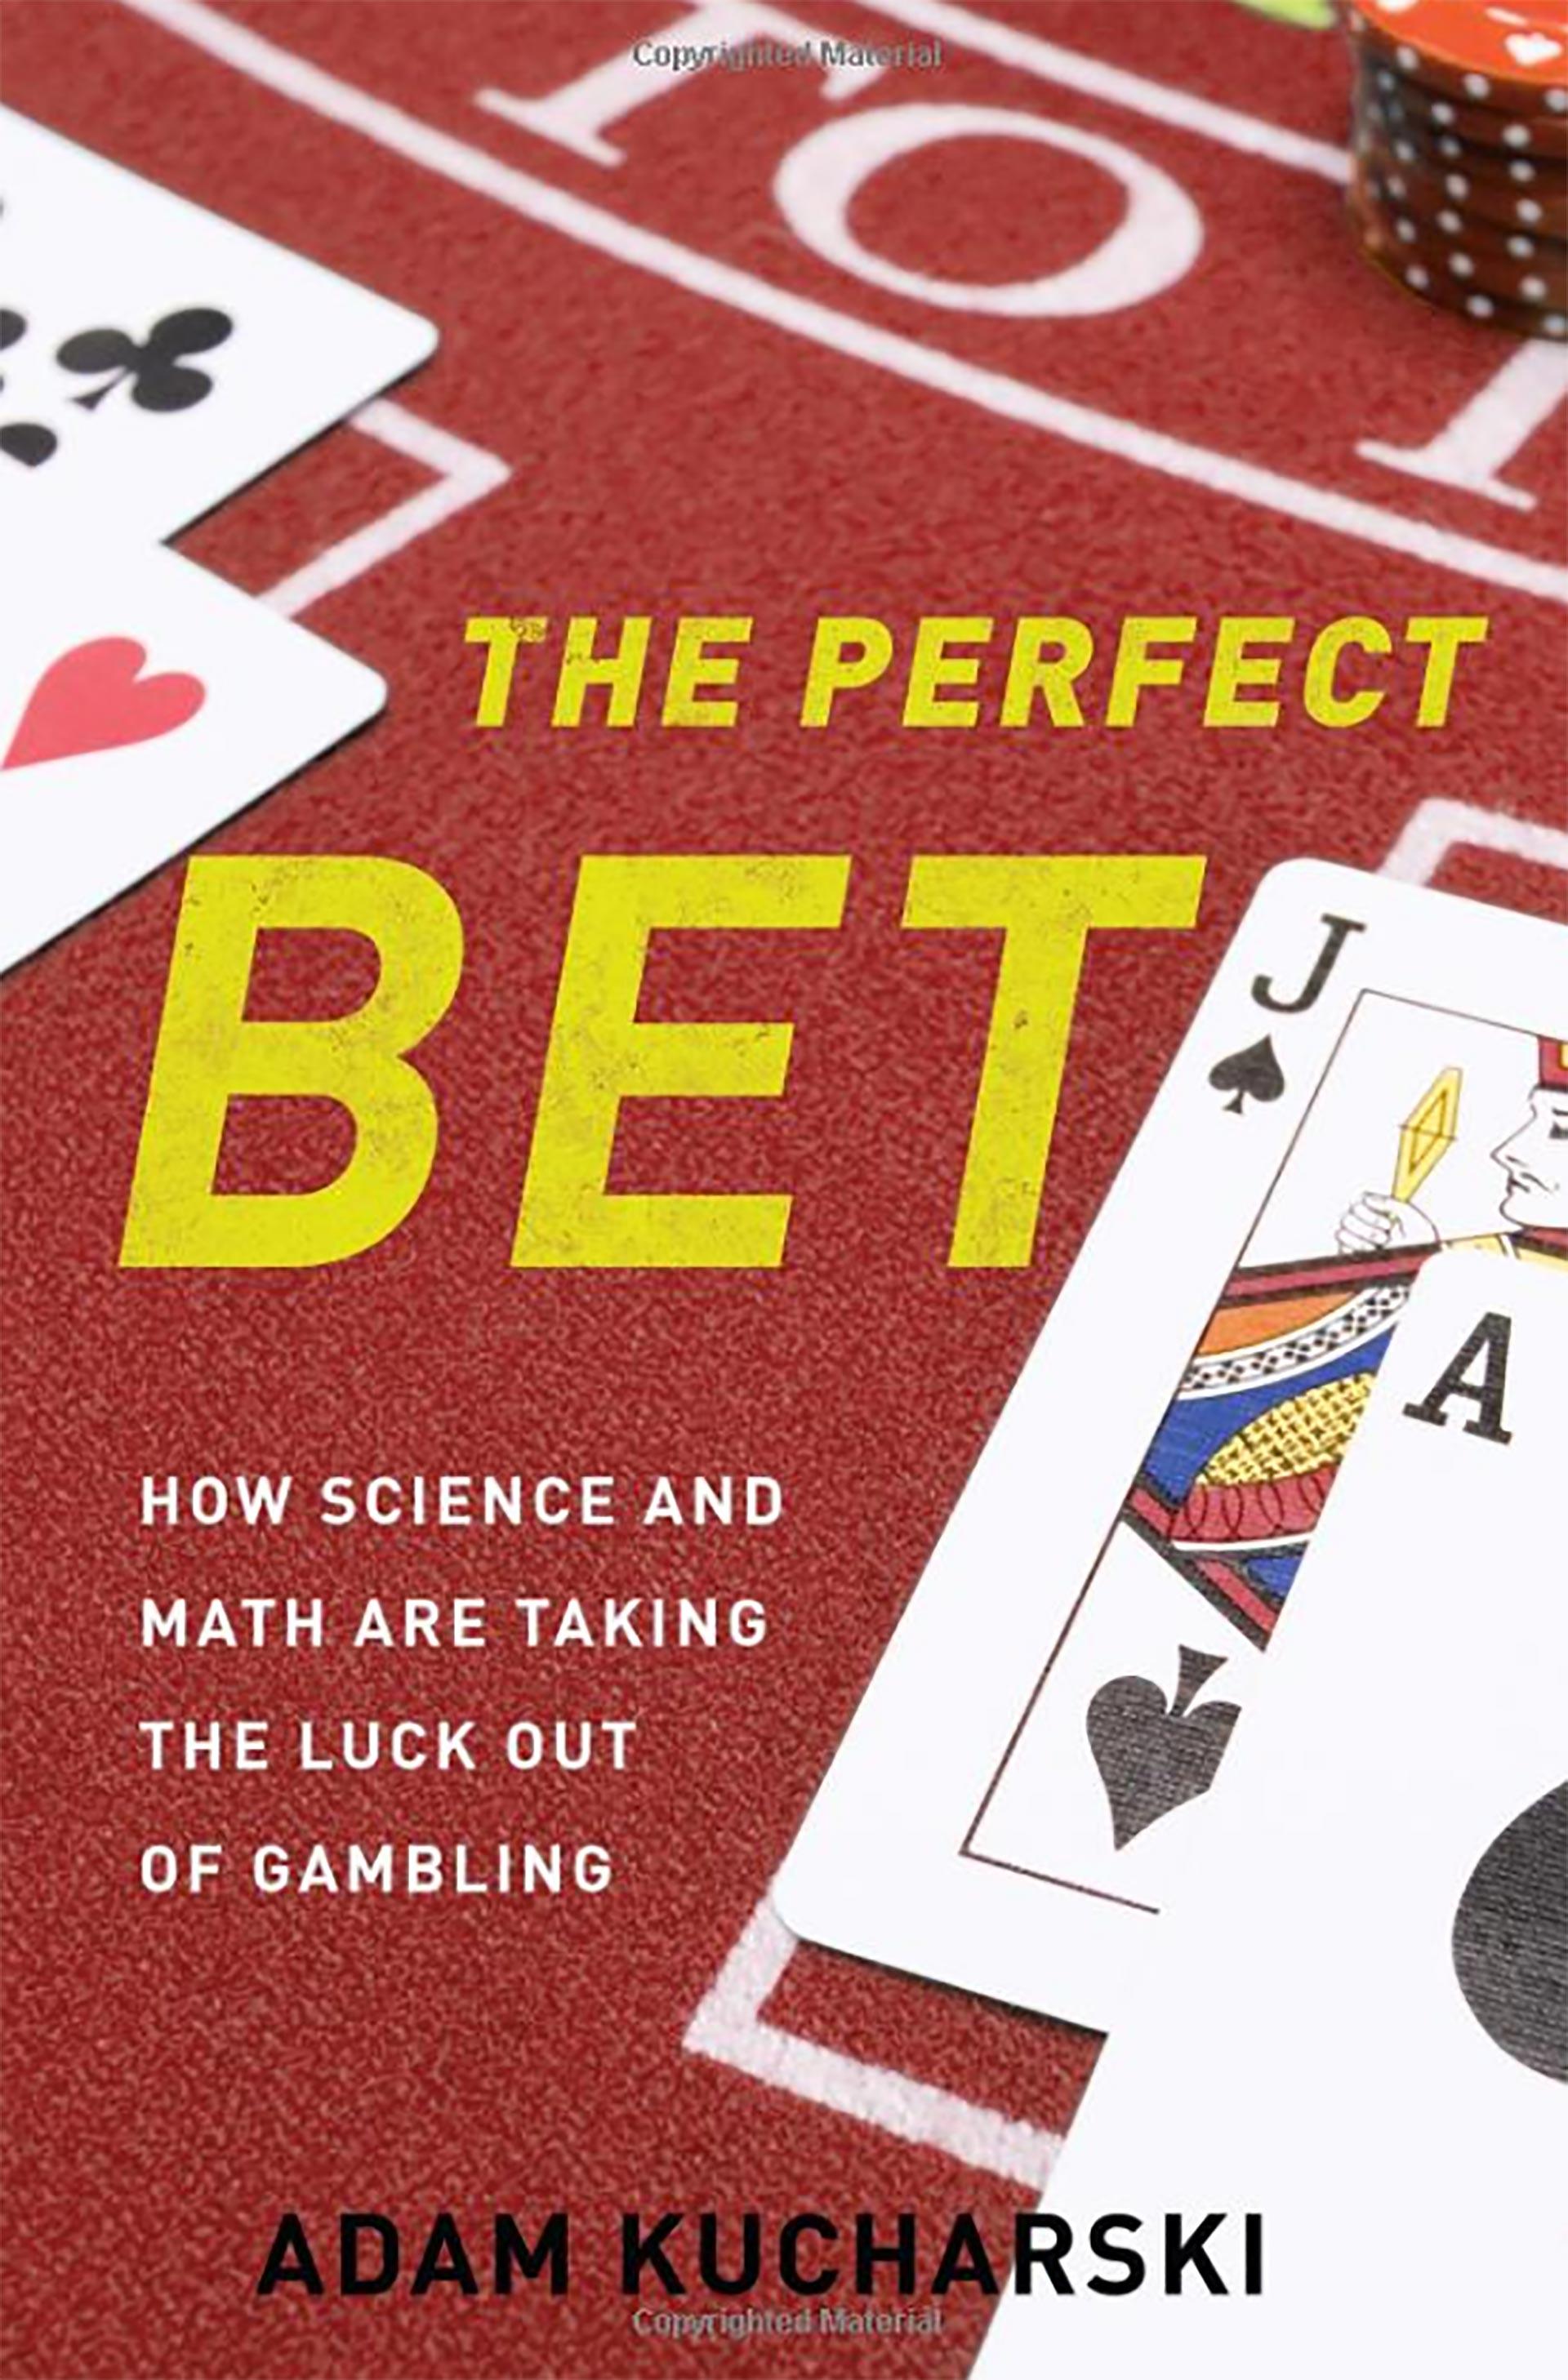 The Perfect Bet, el libro de Adam Kucharski que es furor en los Estados Unidos